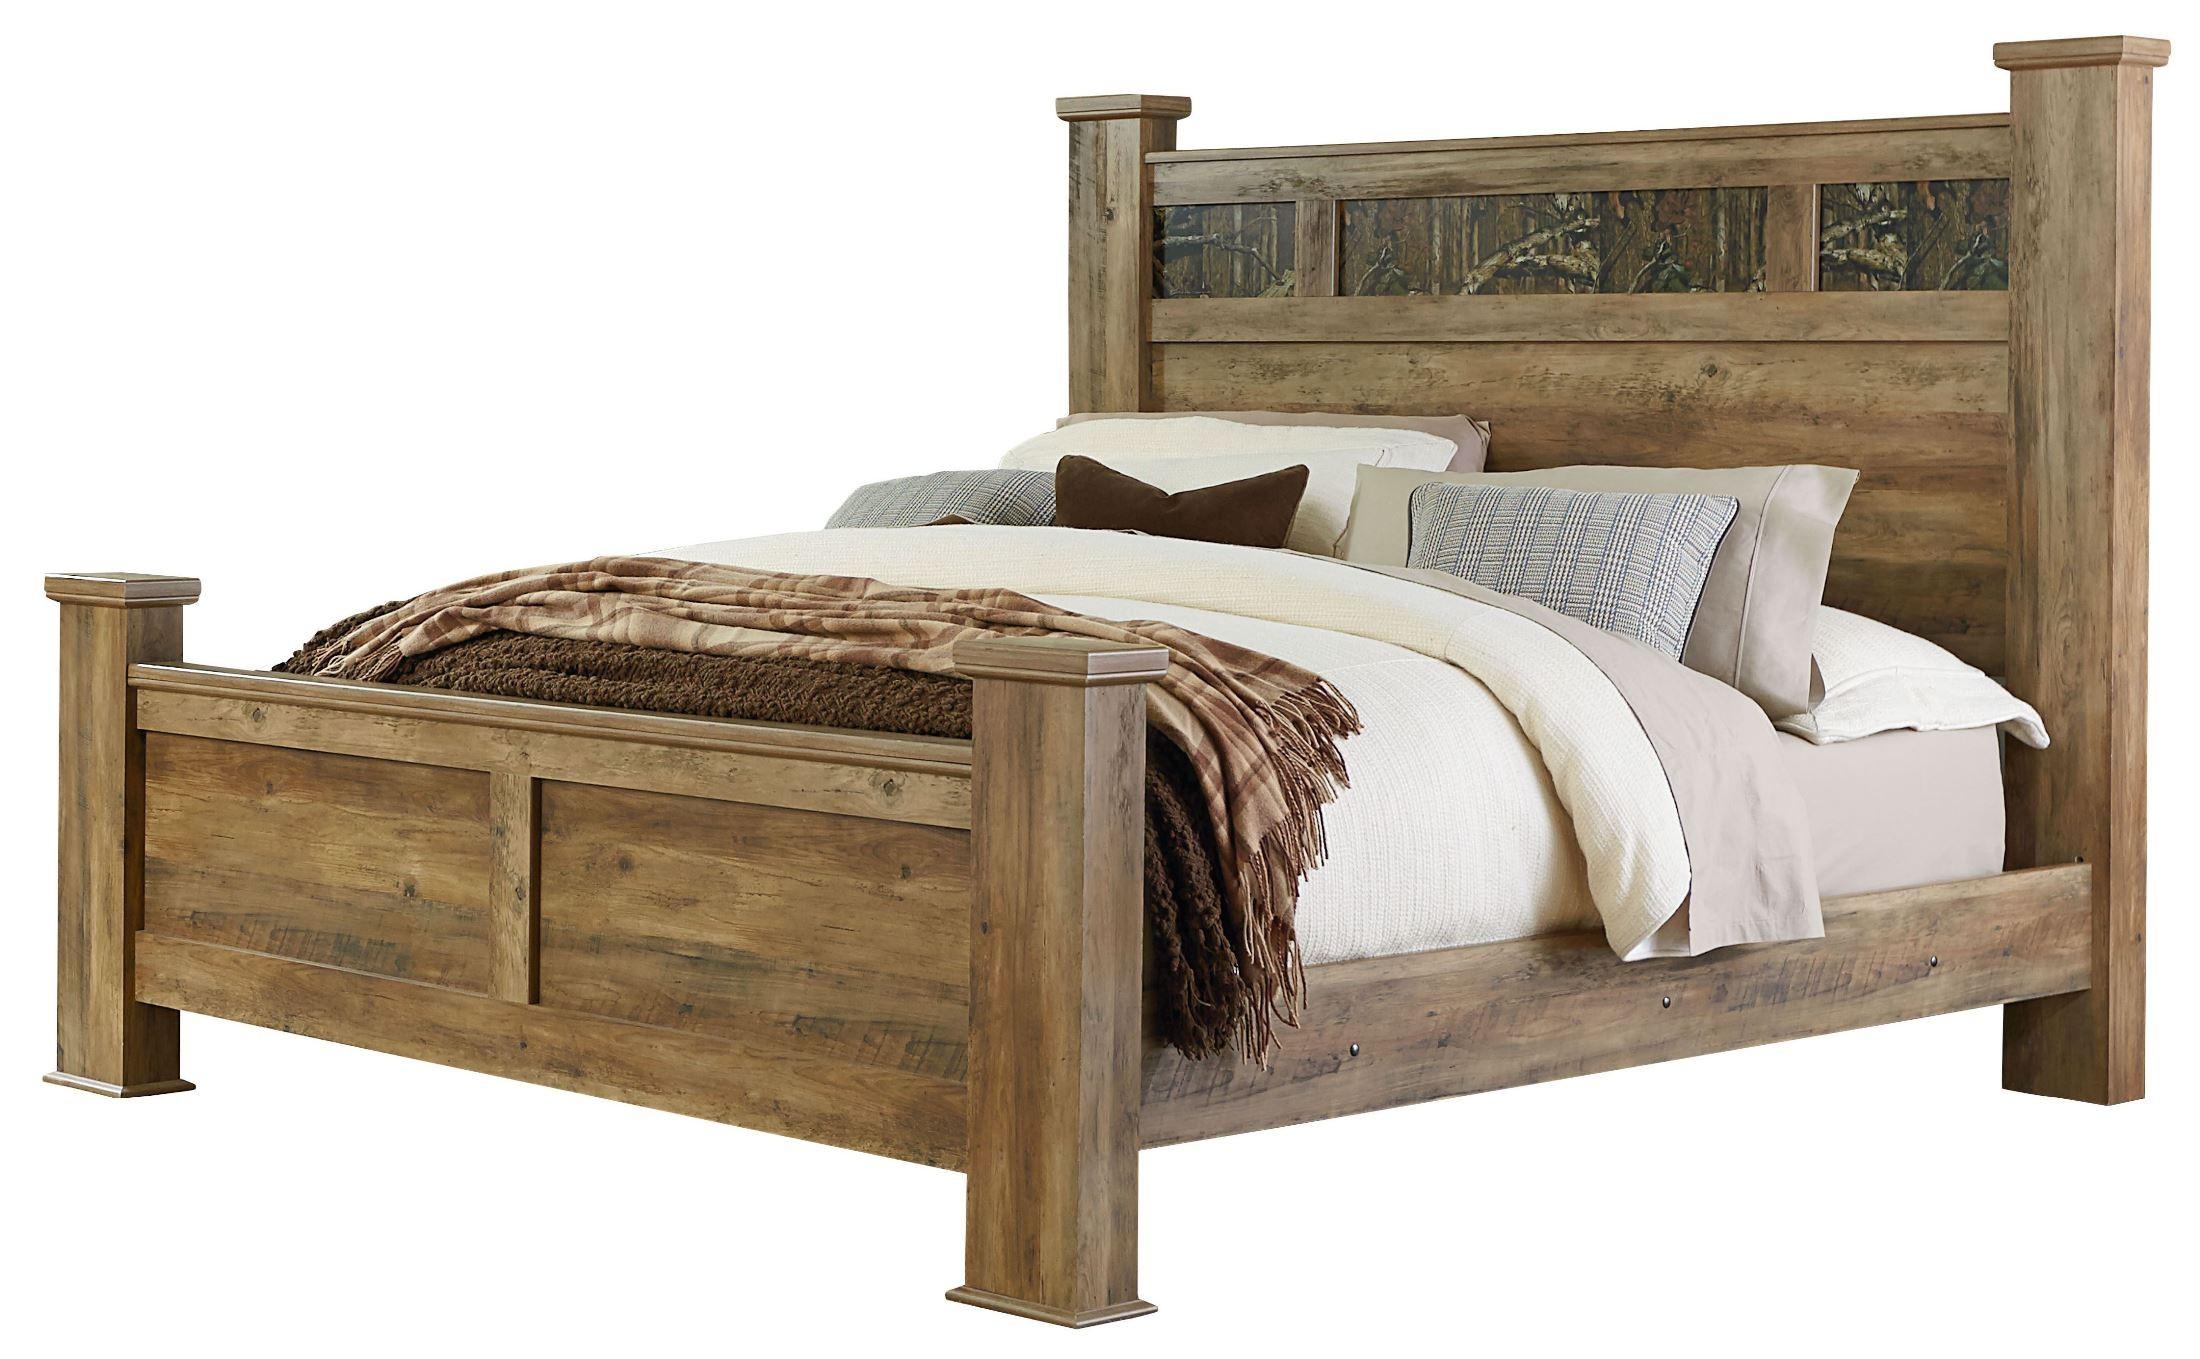 Habitat Rustic Buckskin Queen Poster Bed From Standard